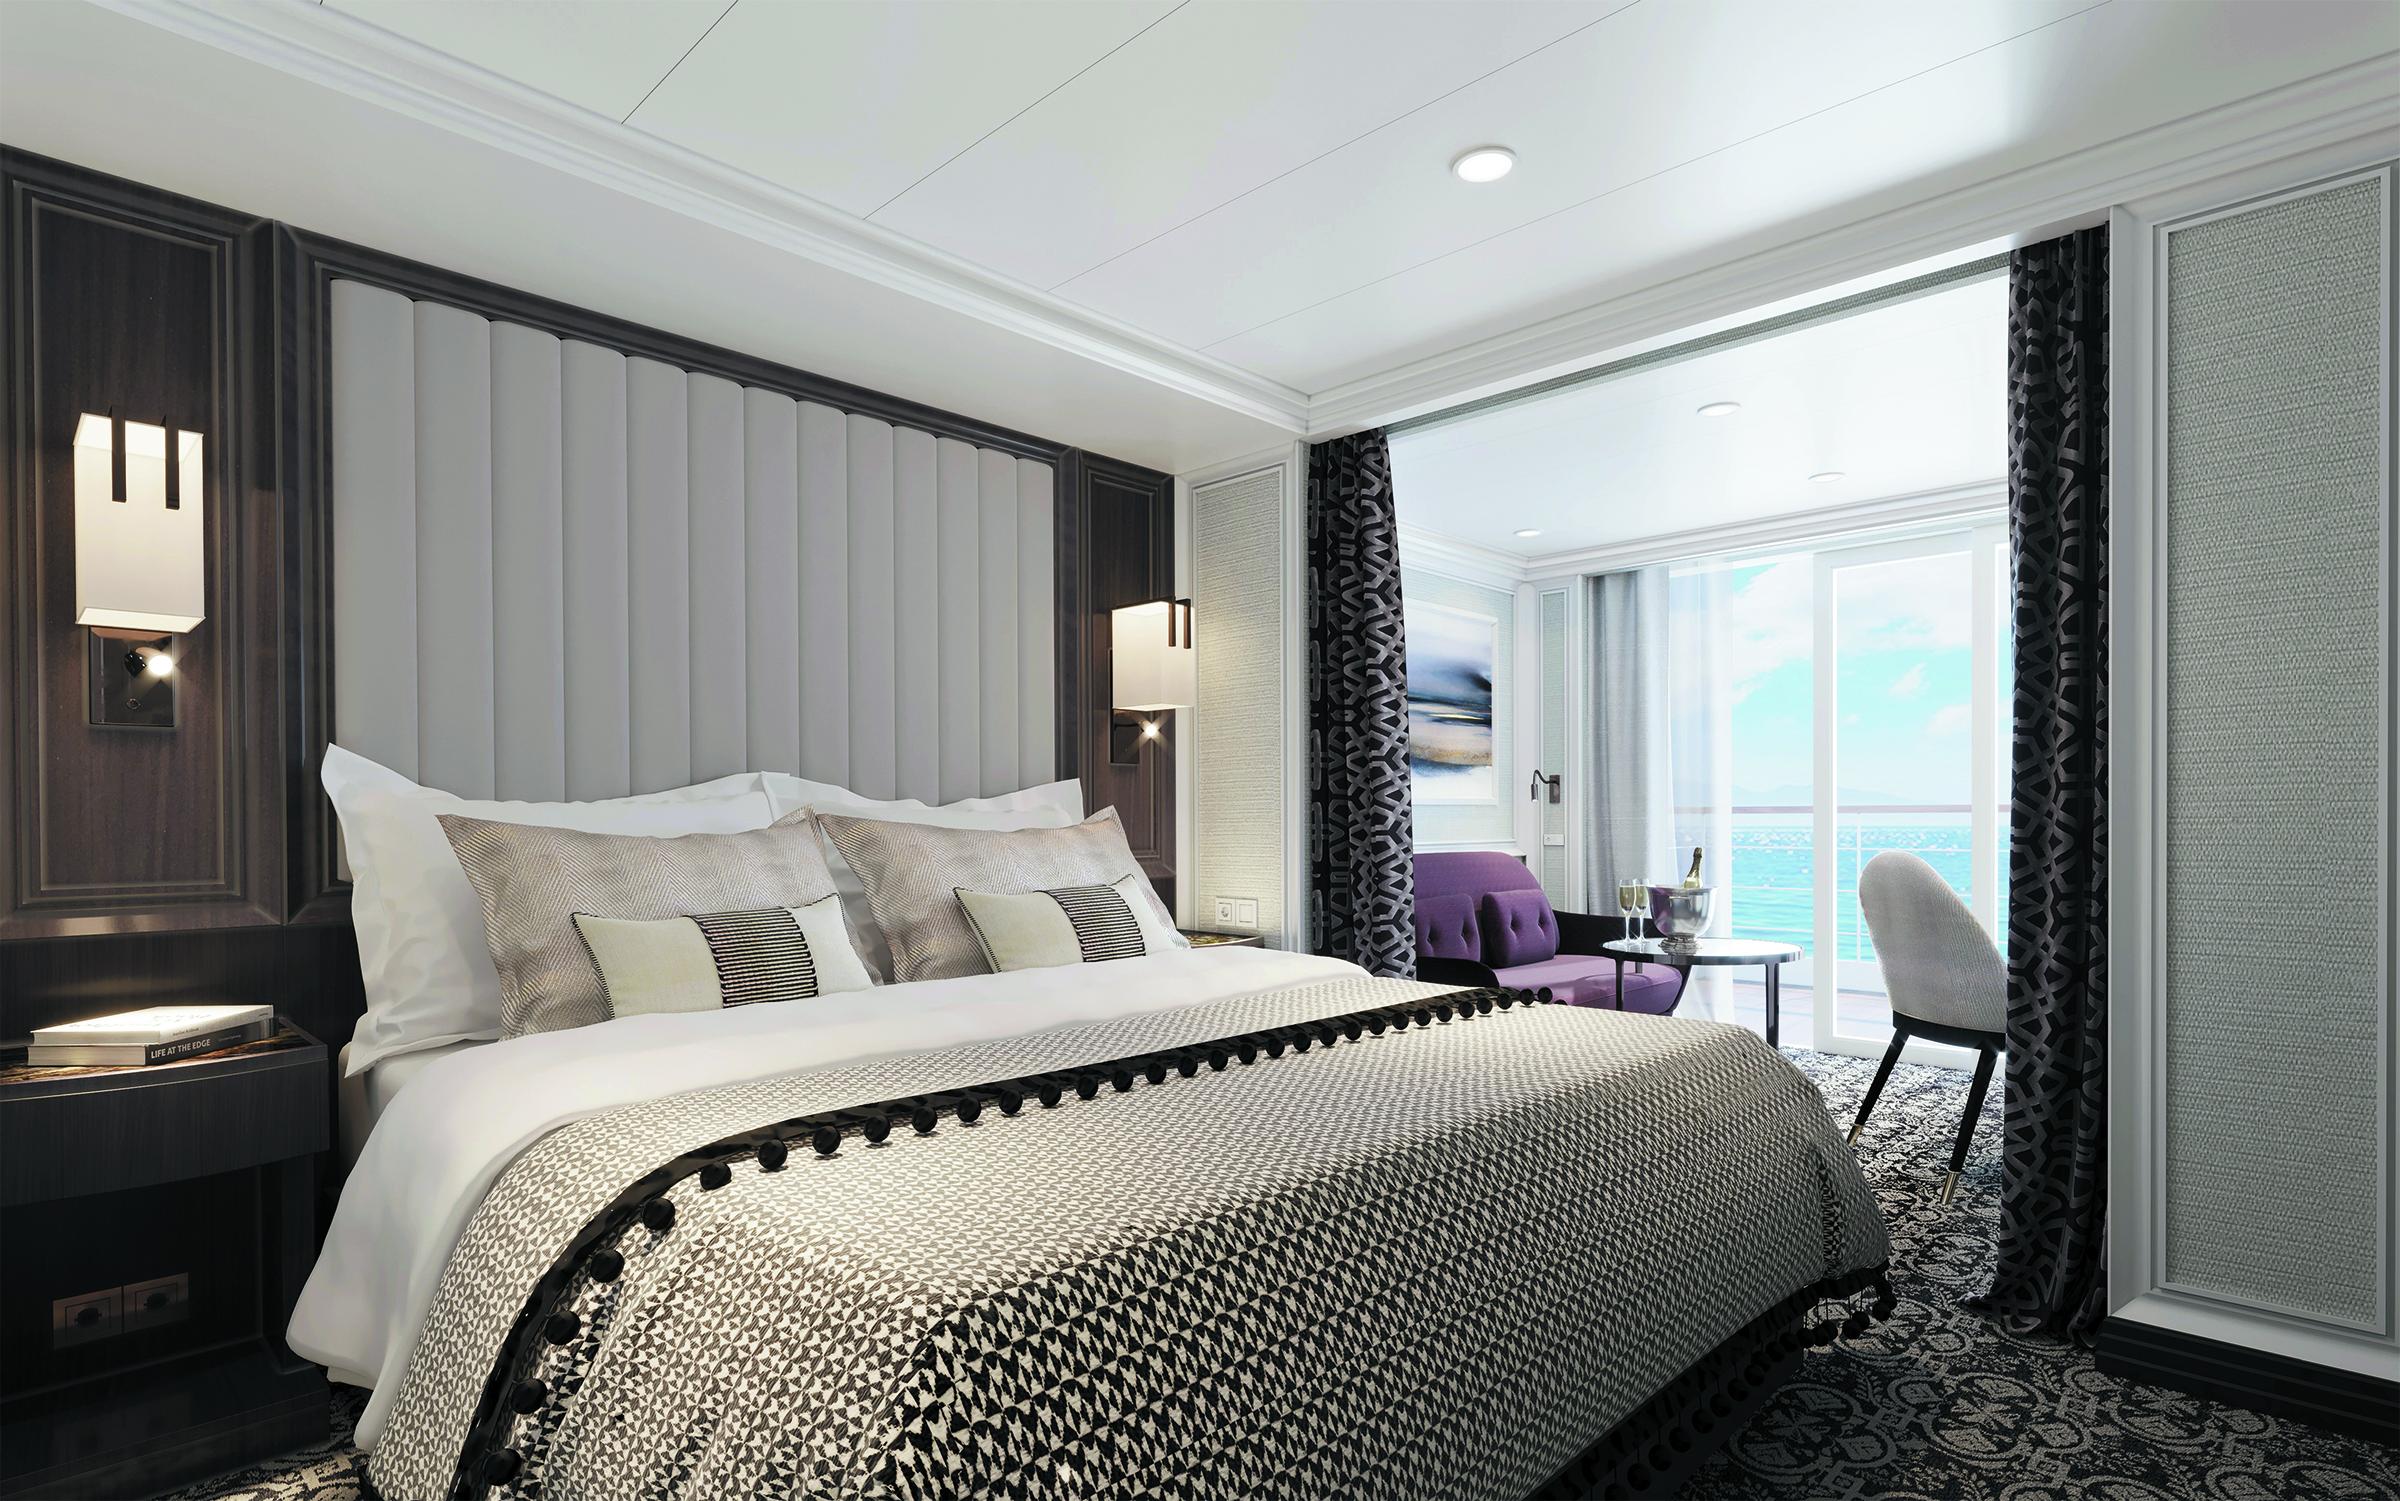 SPL Deluxe & Veranda Suites - View 1